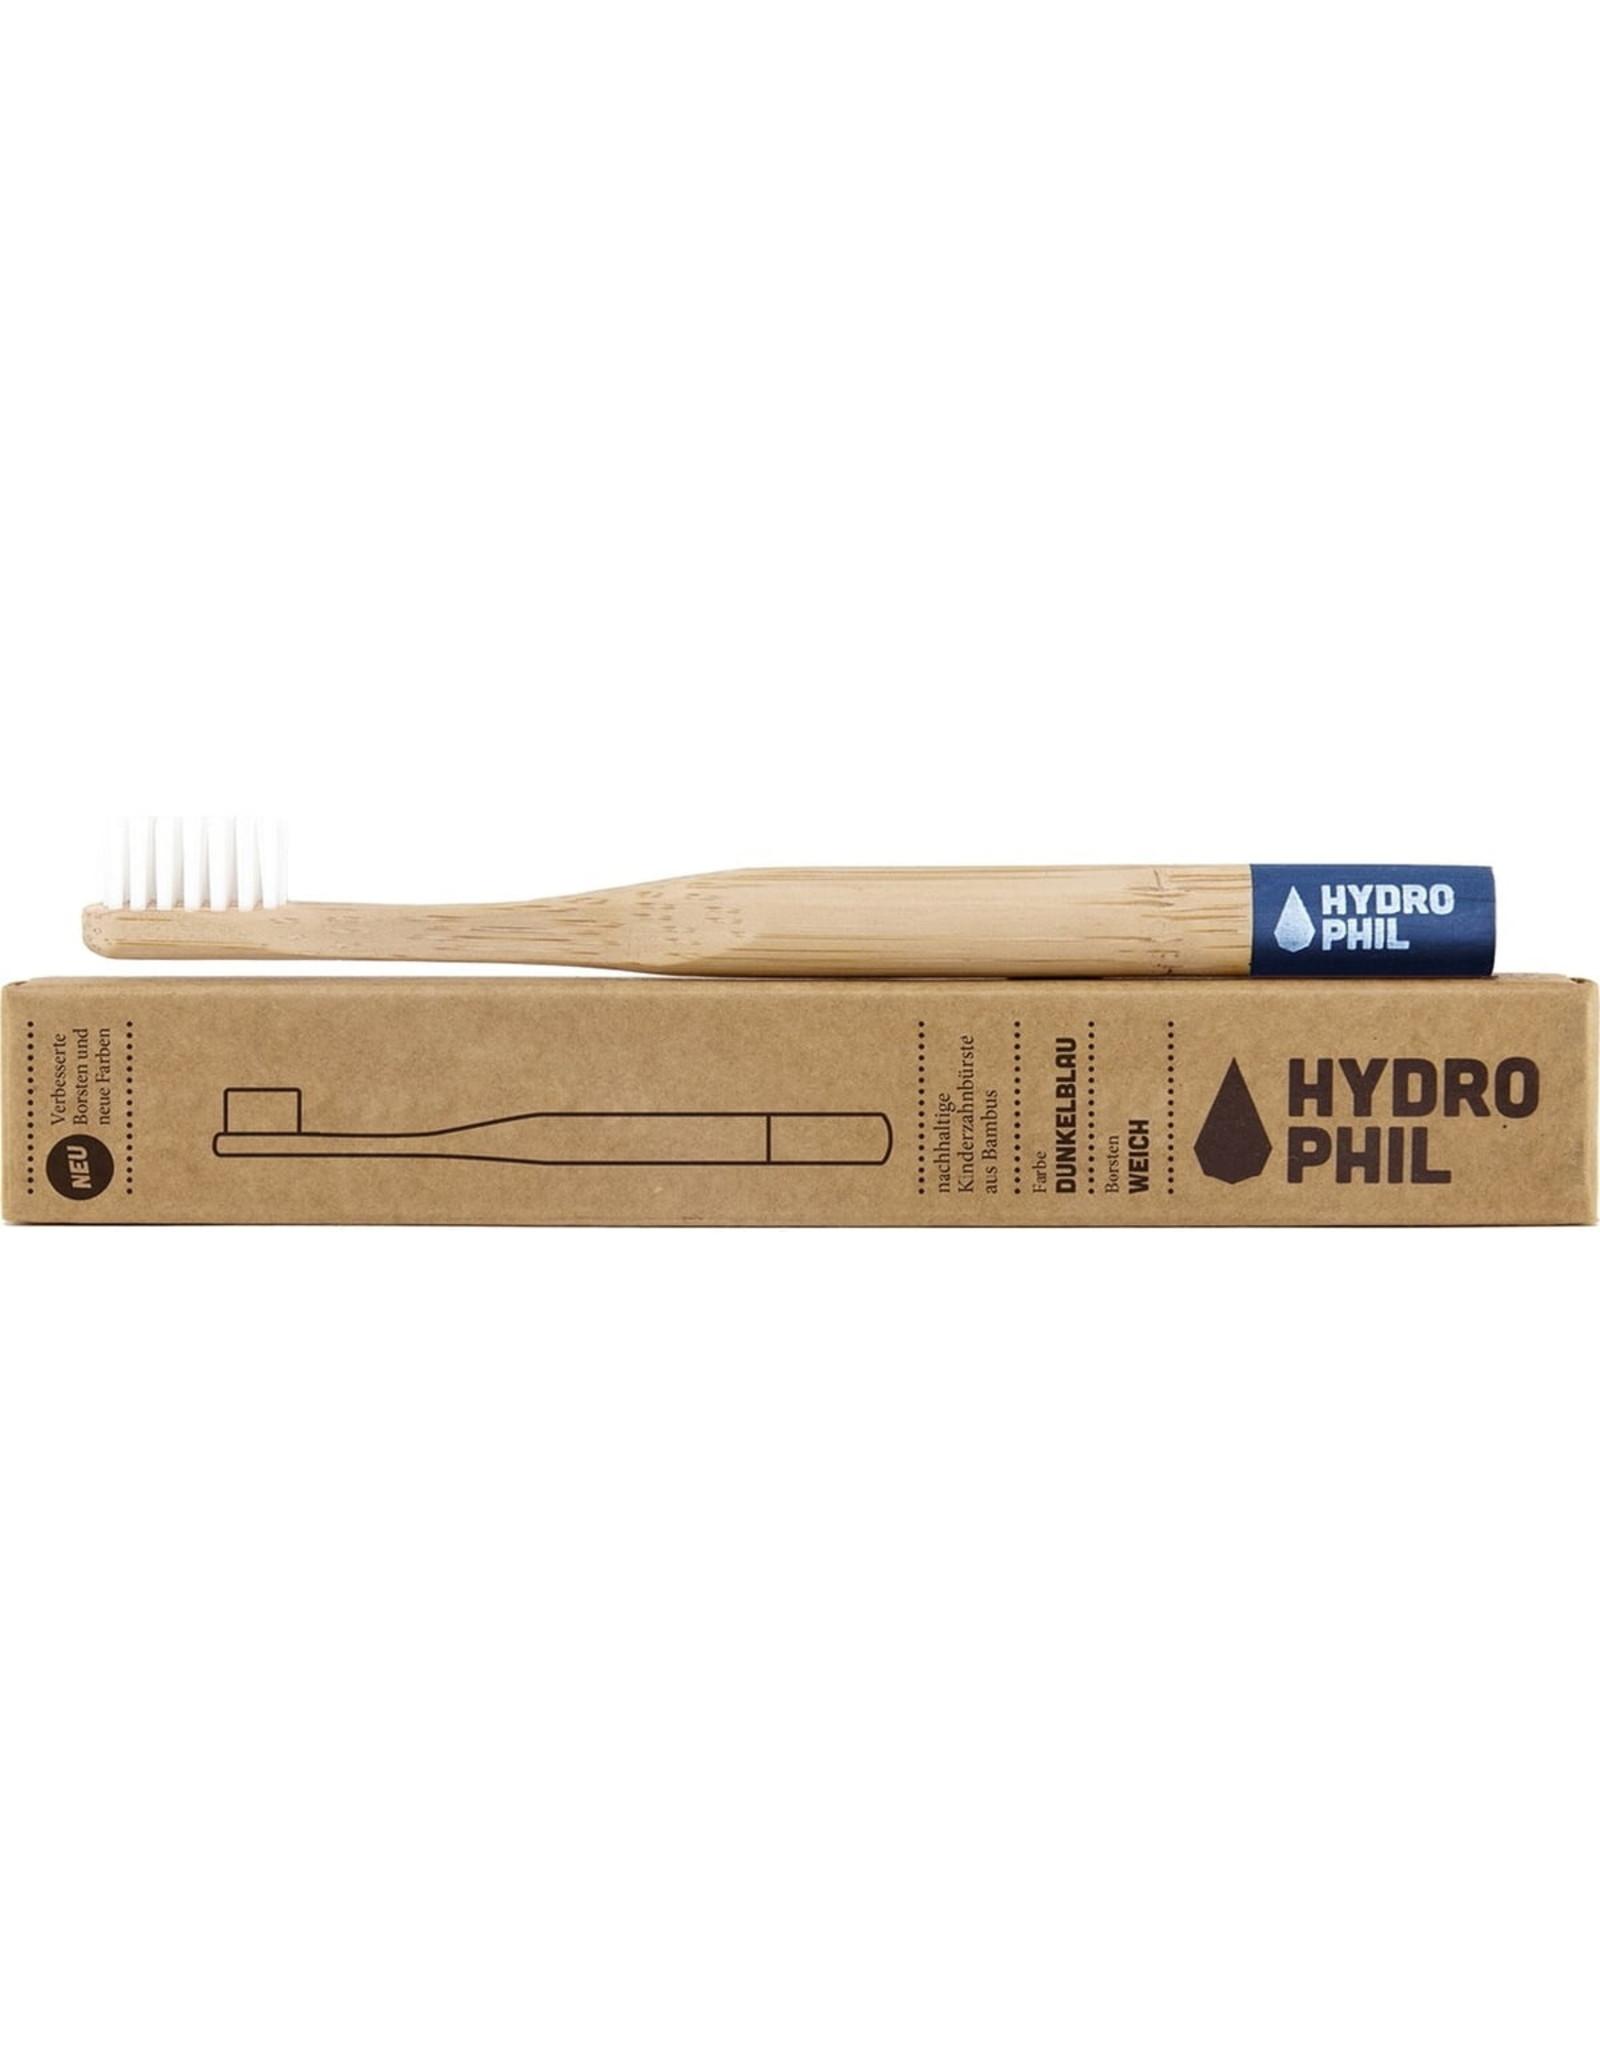 HYDROPHIL Bambus-Kinder-Zahnbürste blau extraweich, 1 Stück